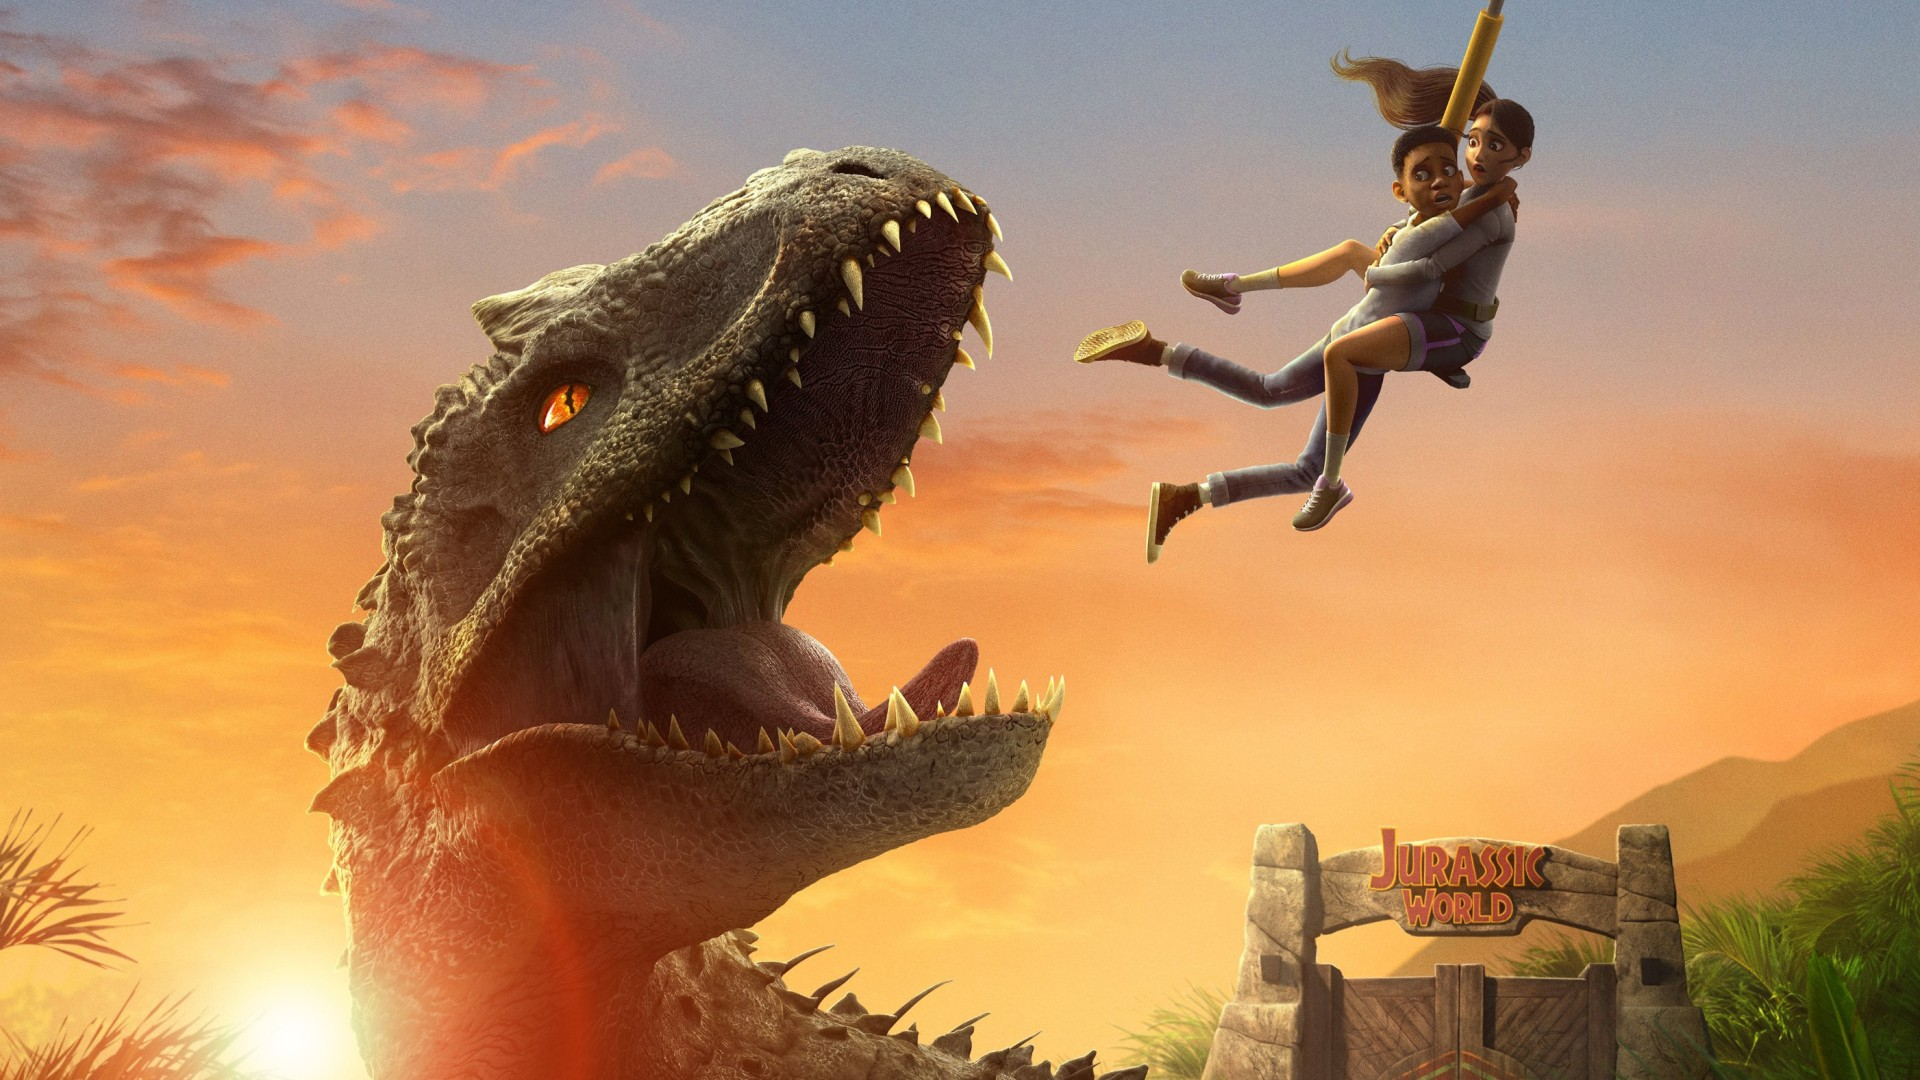 Jurassic World Kretase Kampı 2. sezon fragmanı yayımlandı